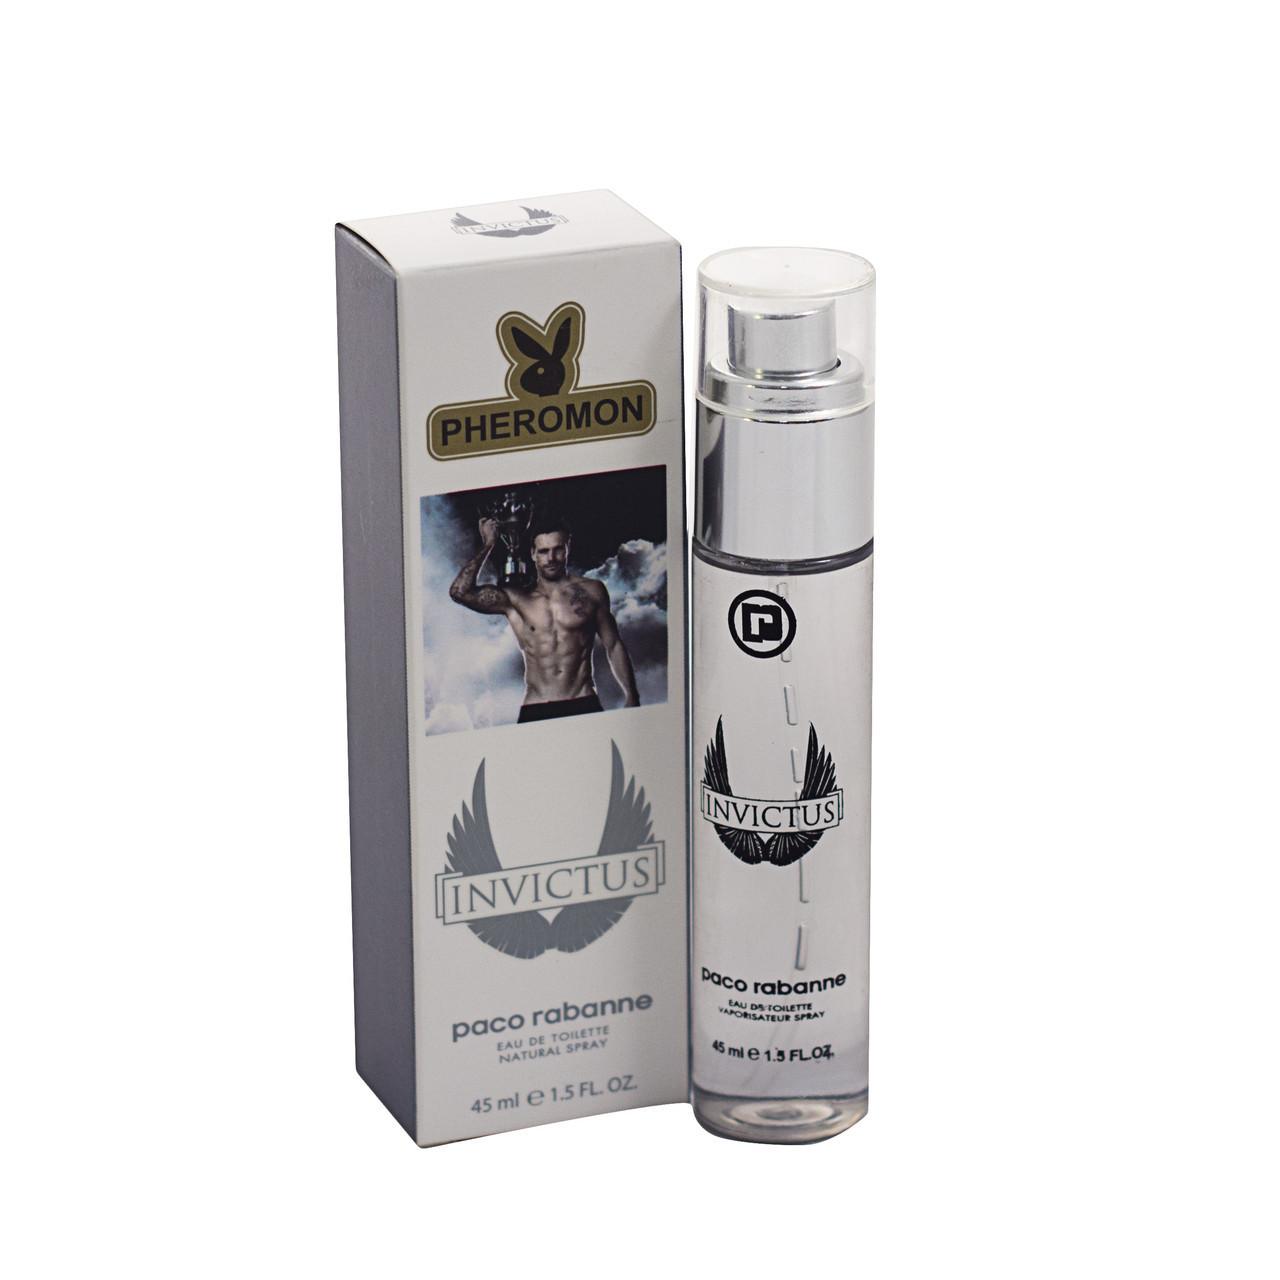 Paco Rabanne Invictus edt - Pheromone Tube 45 ml